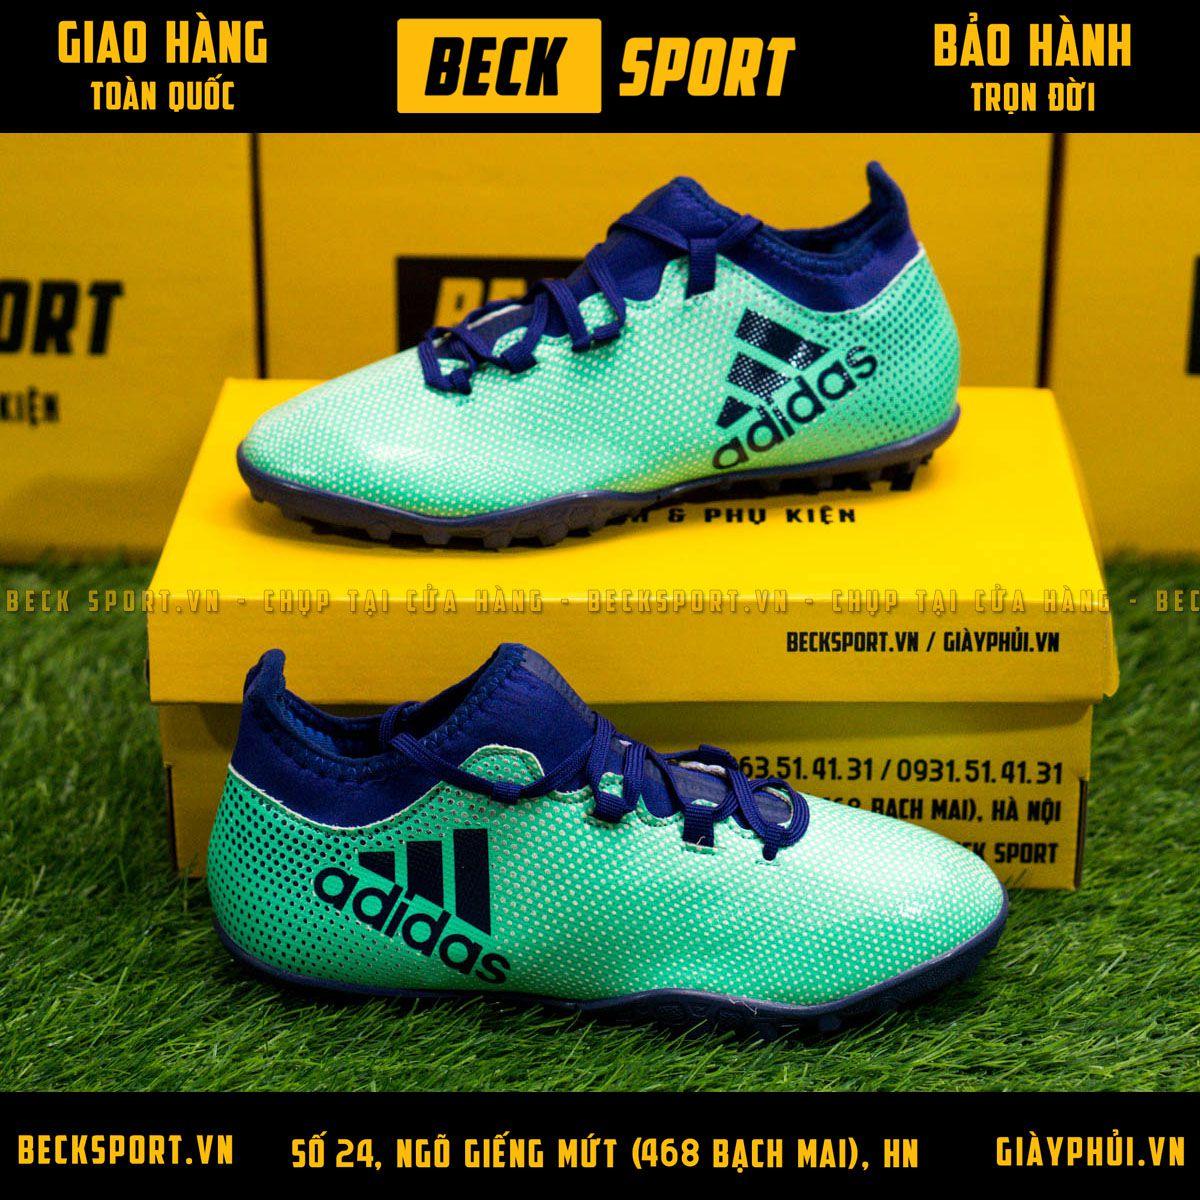 Giày Bóng Đá Adidas X 17.3 Xanh Ngọc Chấm Bi Đen TF